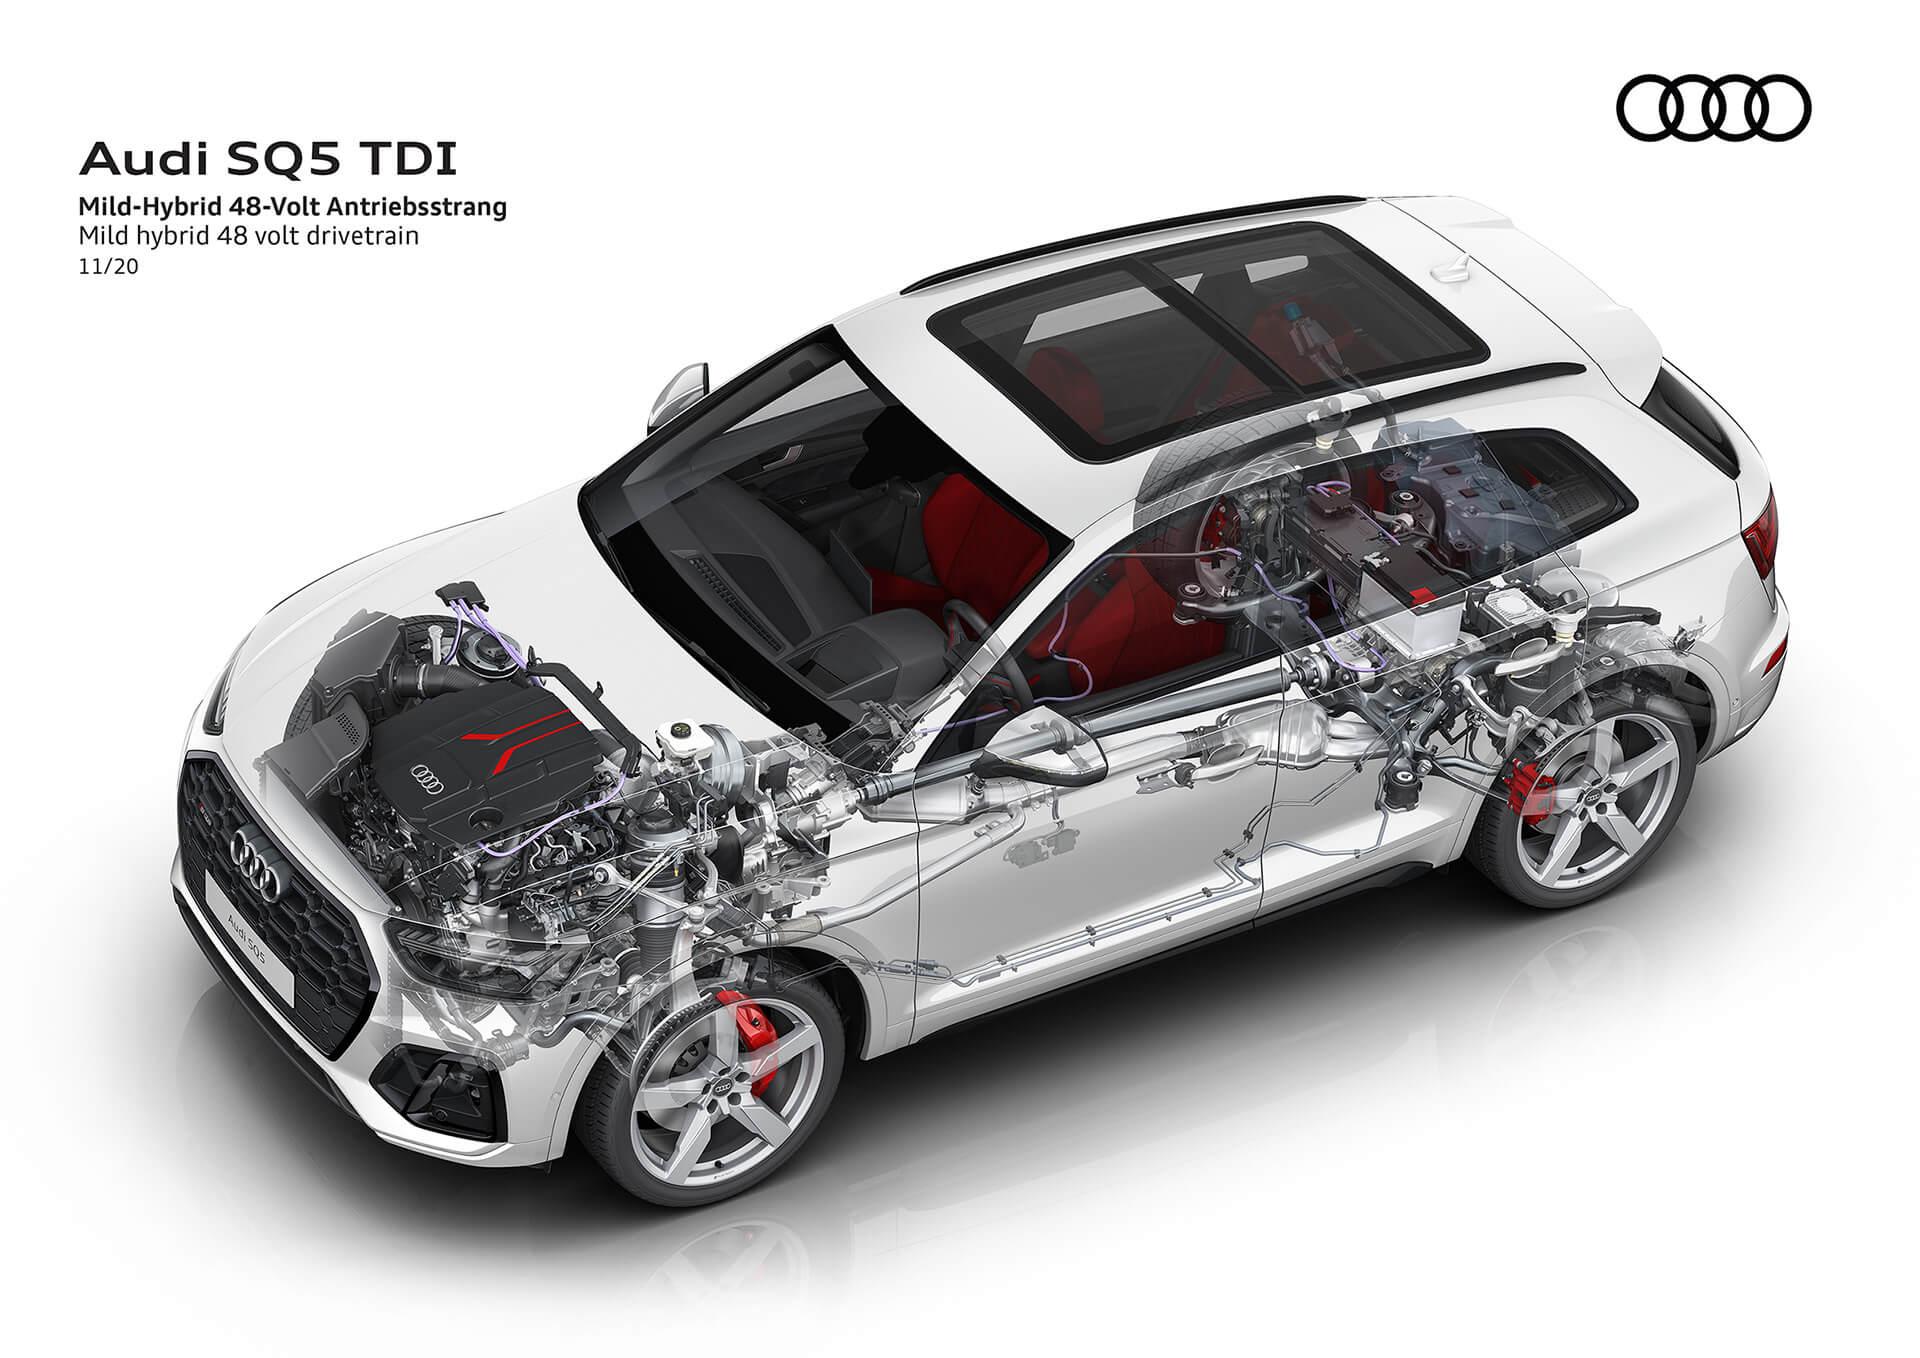 AUDI SQ5 TDI - Σύστημα κίνησης Mild Hybrid 48 Volt